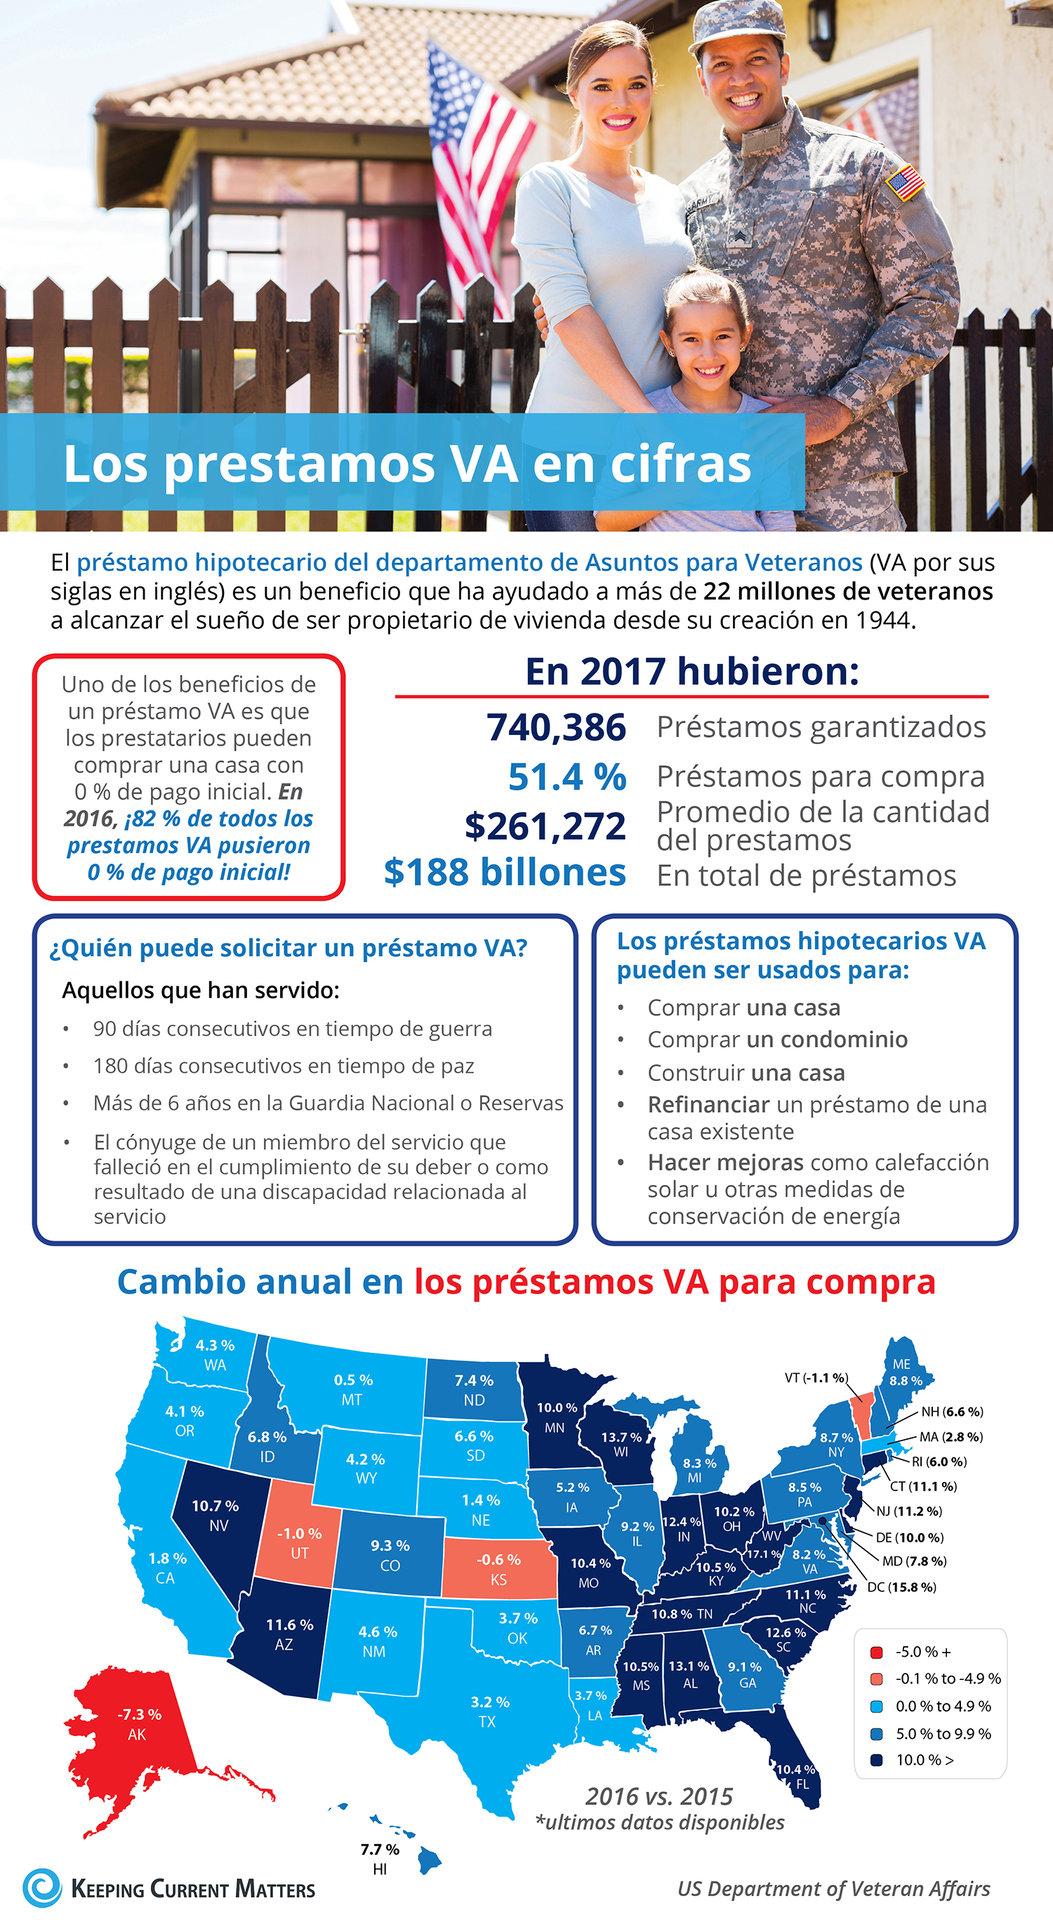 Los préstamos VA por cifras [infografía] | Keeping Current Matters